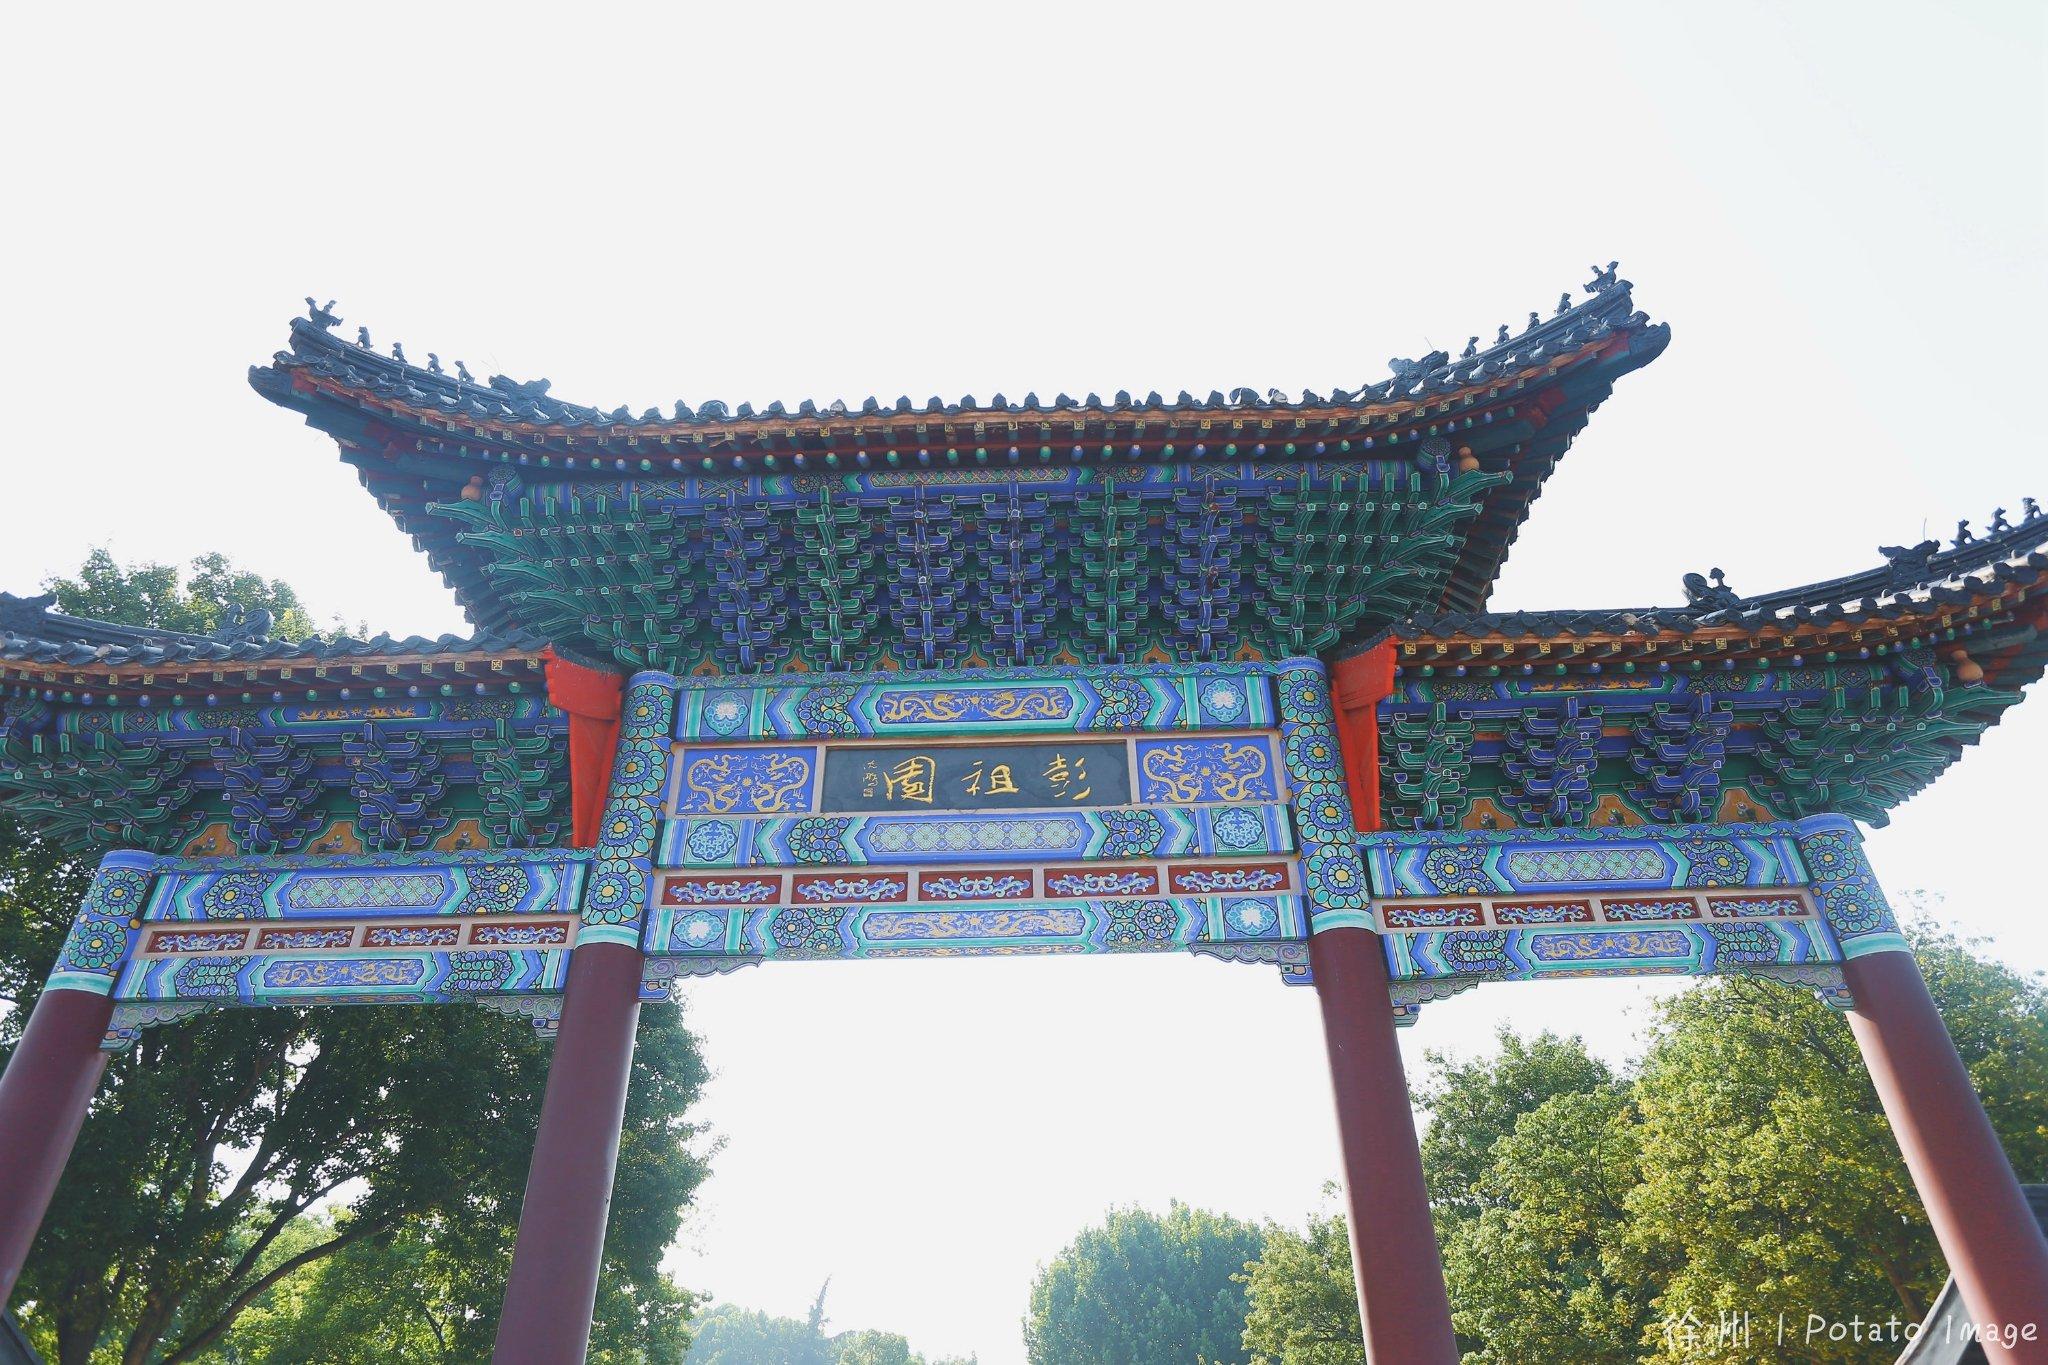 彭祖园,简称彭园,位于徐州市南郊,西靠云龙山,东接烈士陵园,南临泉山